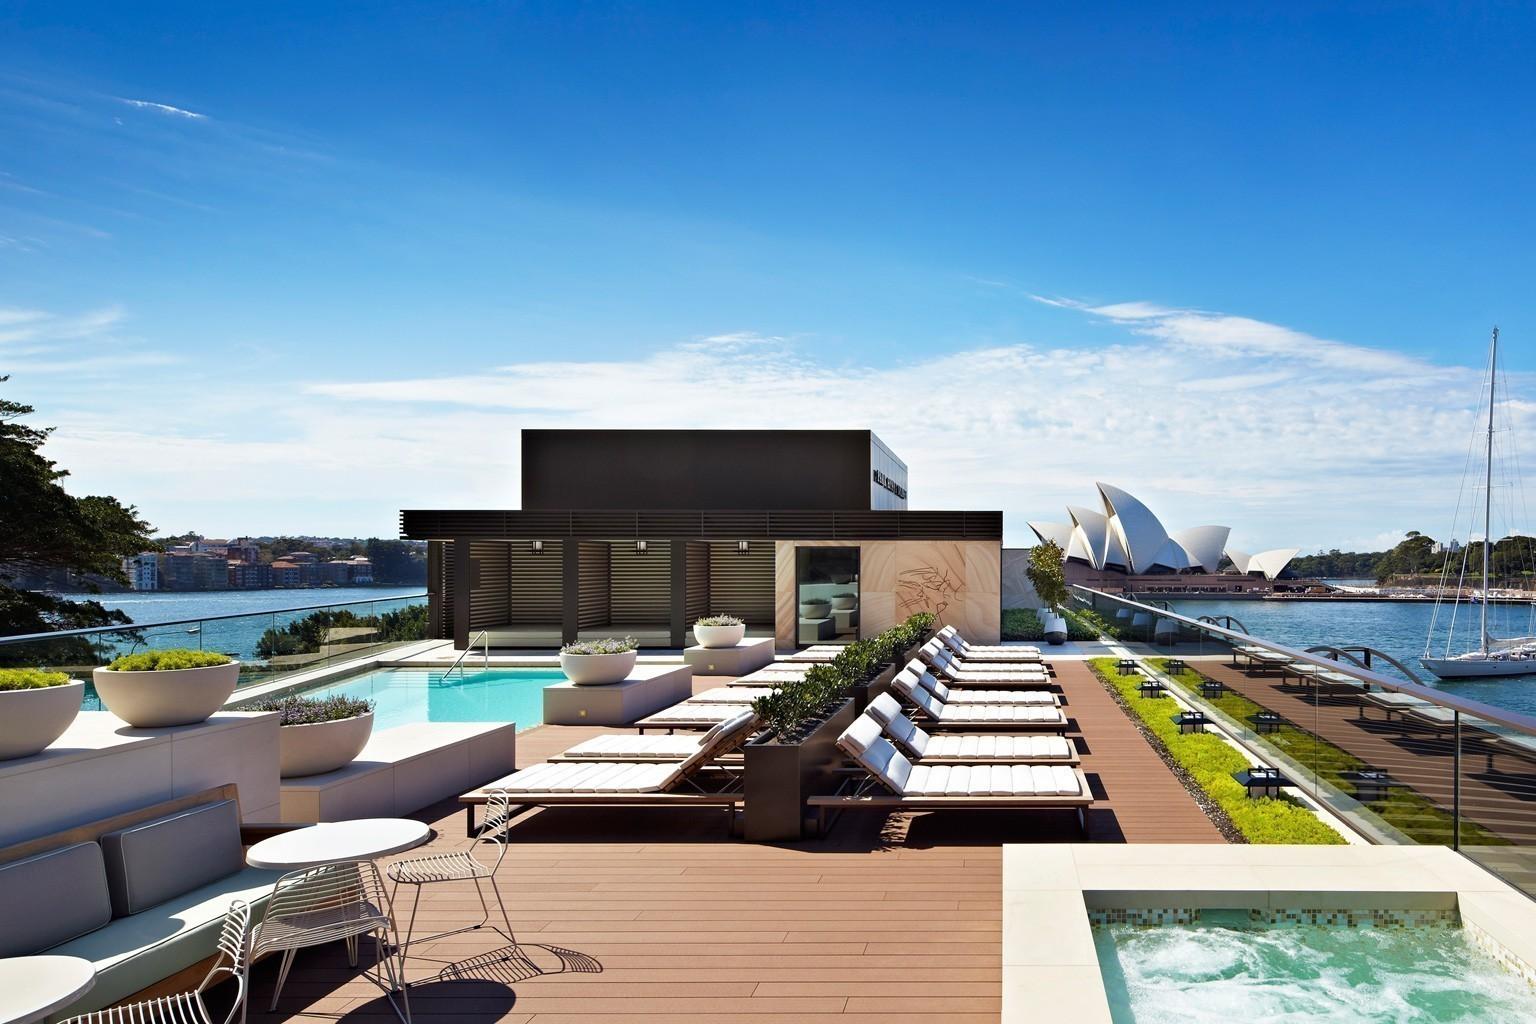 Luxushotel Park Hyatt Sydney in Australien   Designreisen